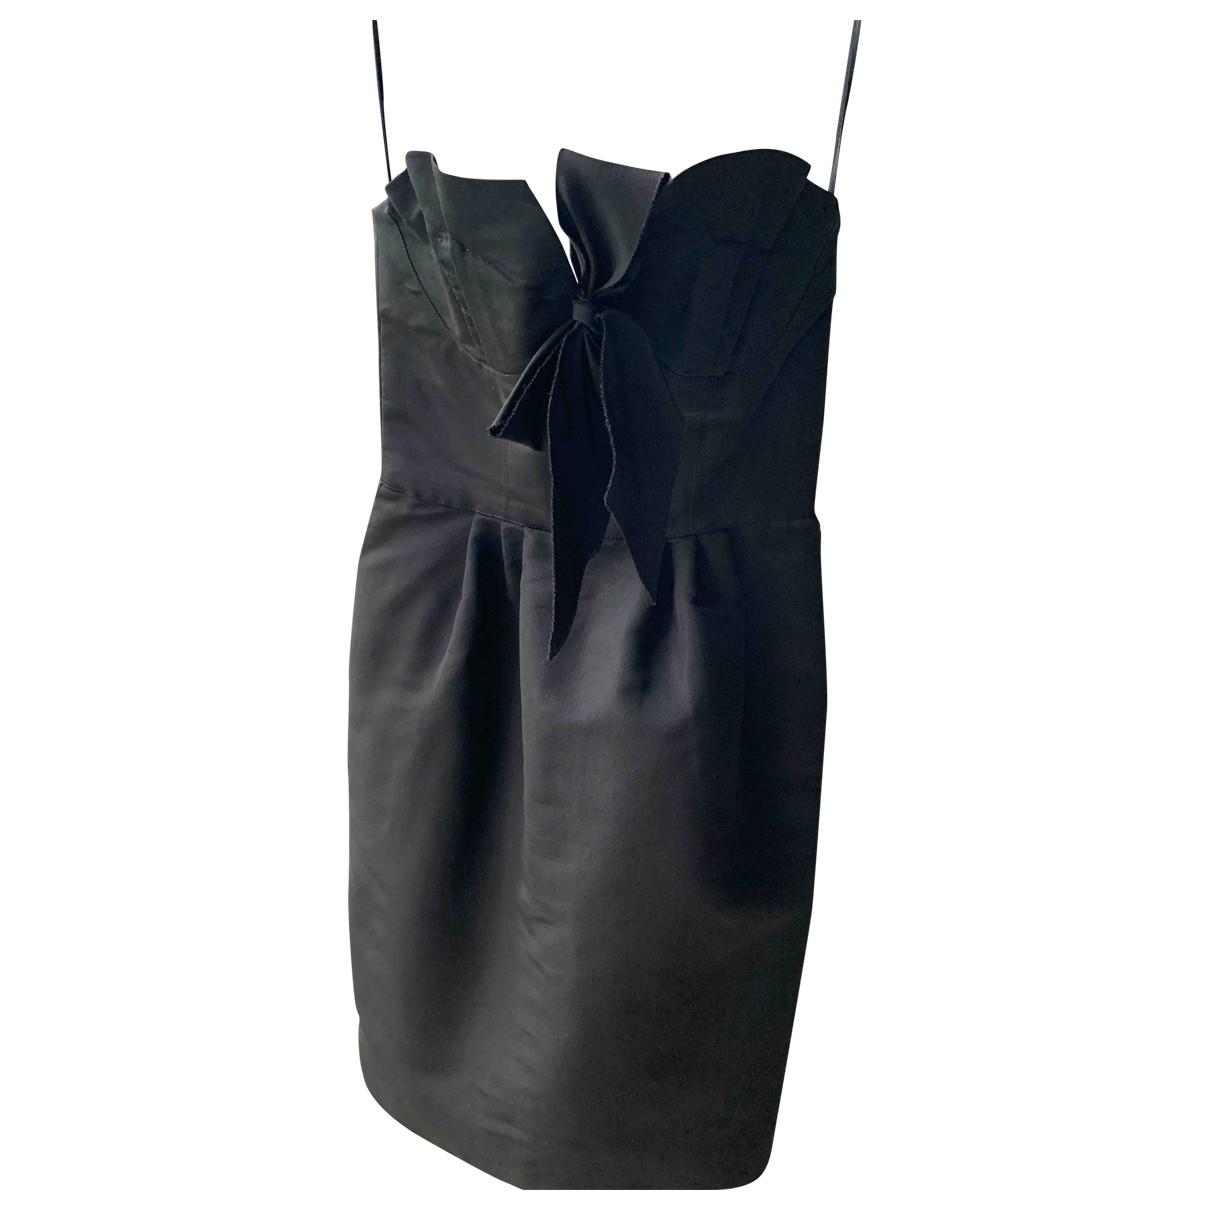 Oscar De La Renta \N Black Silk dress for Women 4 0-5